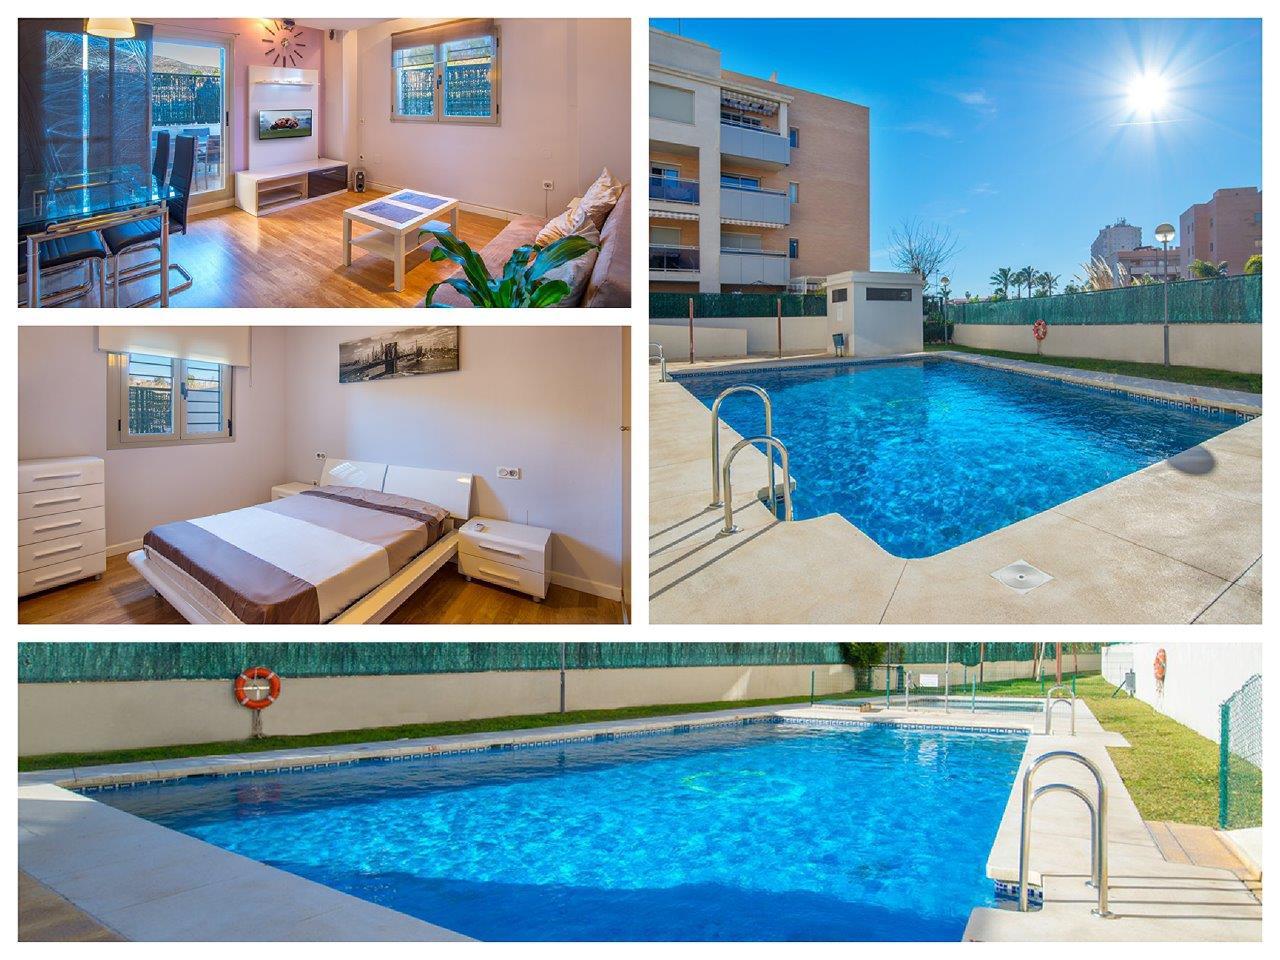 Appartement in La Colina Torremolinos te koop